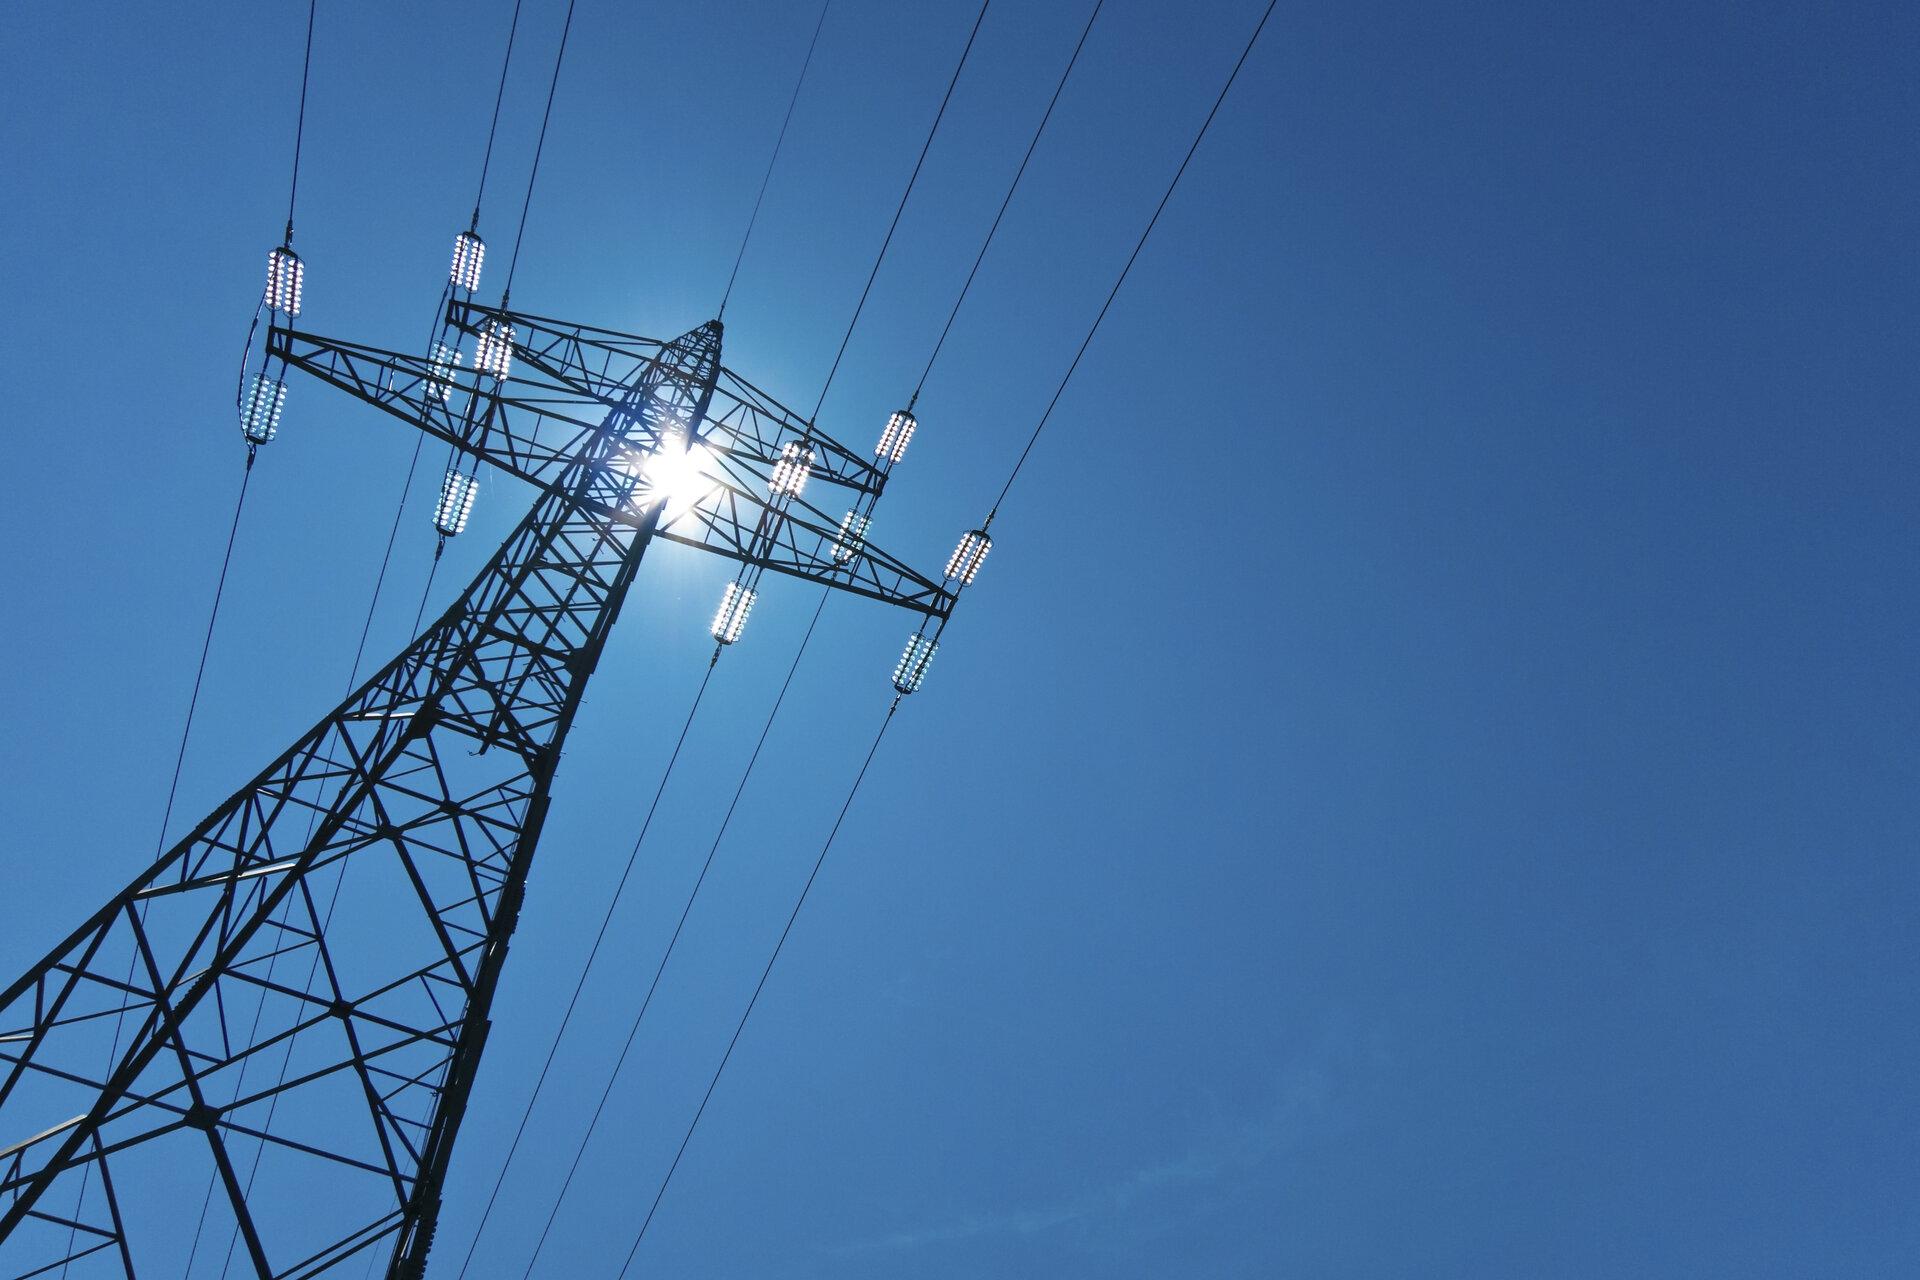 Linea Electrica